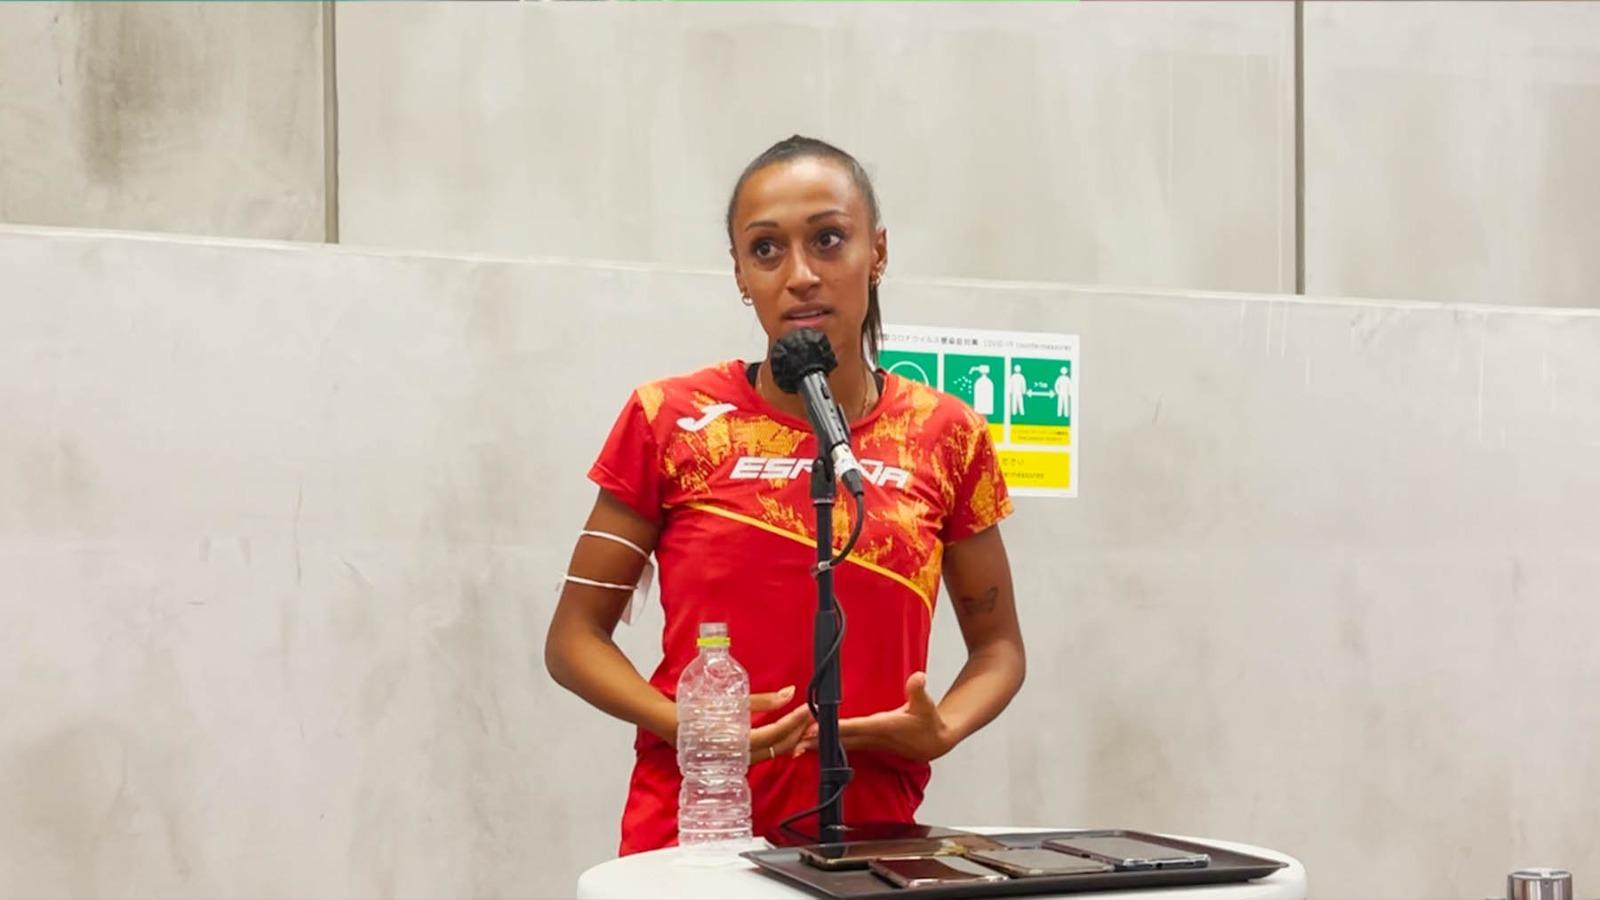 Ana Peleteiro es un estrella del atletismo en ciernes.